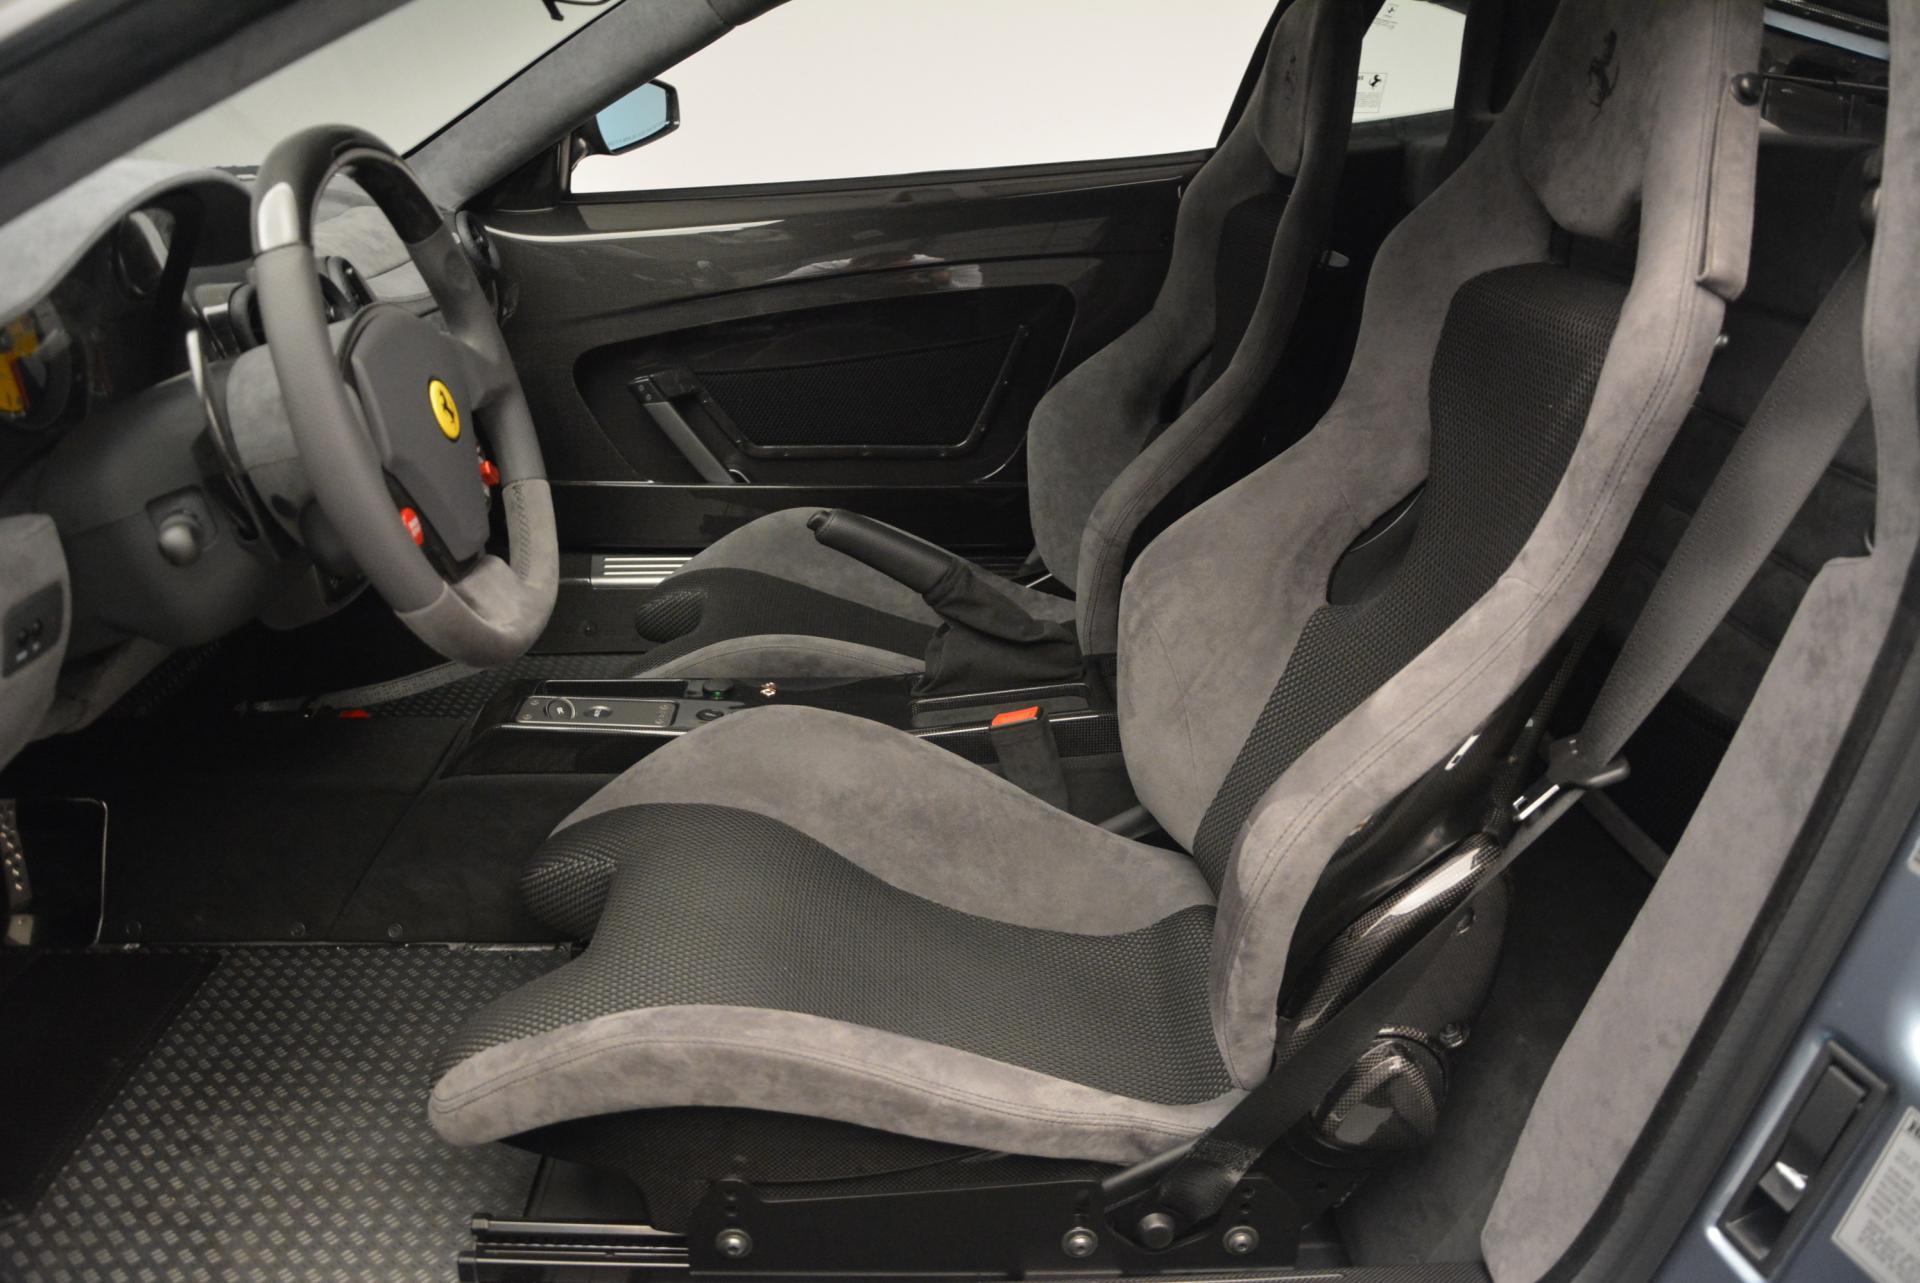 Used 2008 Ferrari F430 Scuderia For Sale In Greenwich, CT. Alfa Romeo of Greenwich, 4310 146_p15